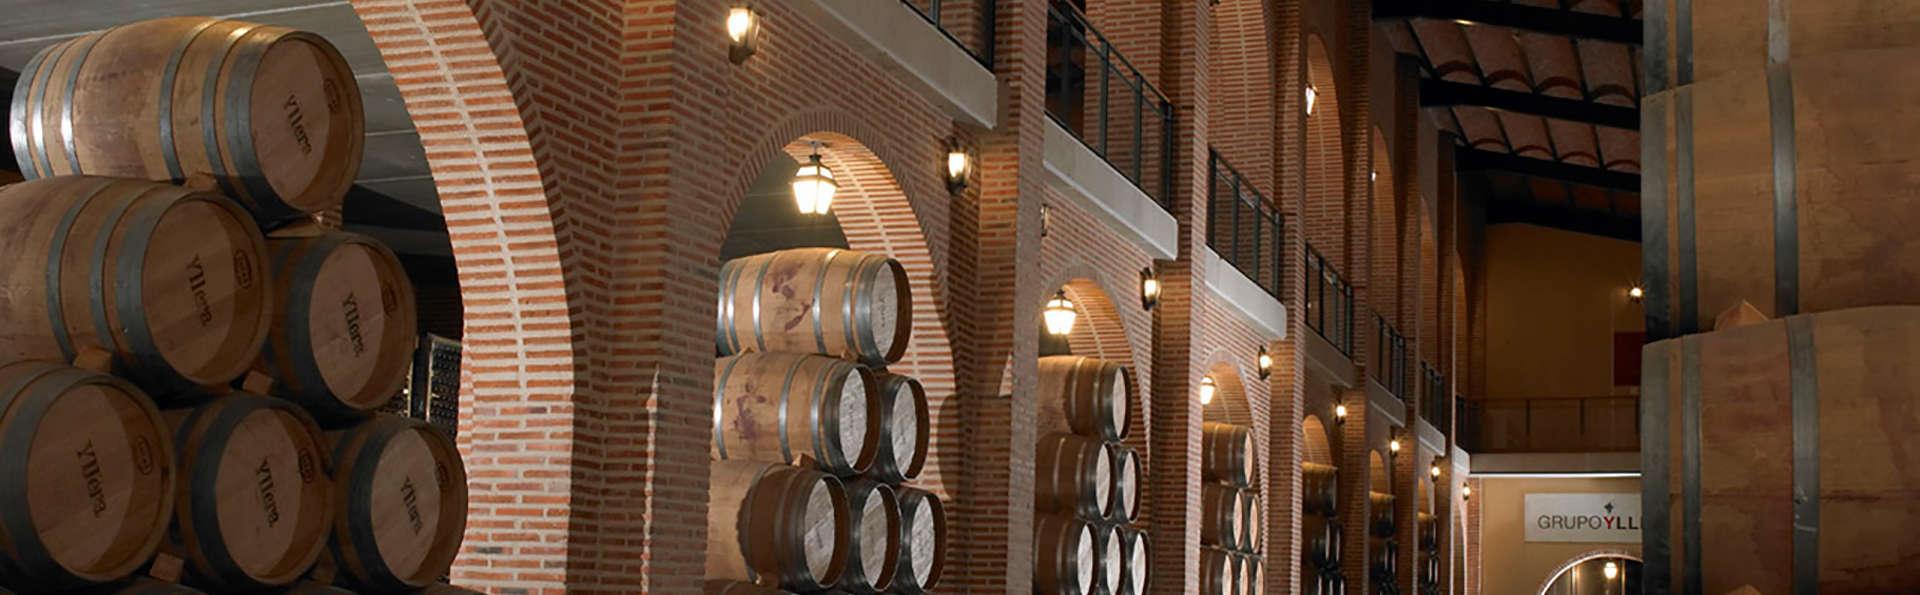 Visite d'une cave et dégustation de vins à Valladolid